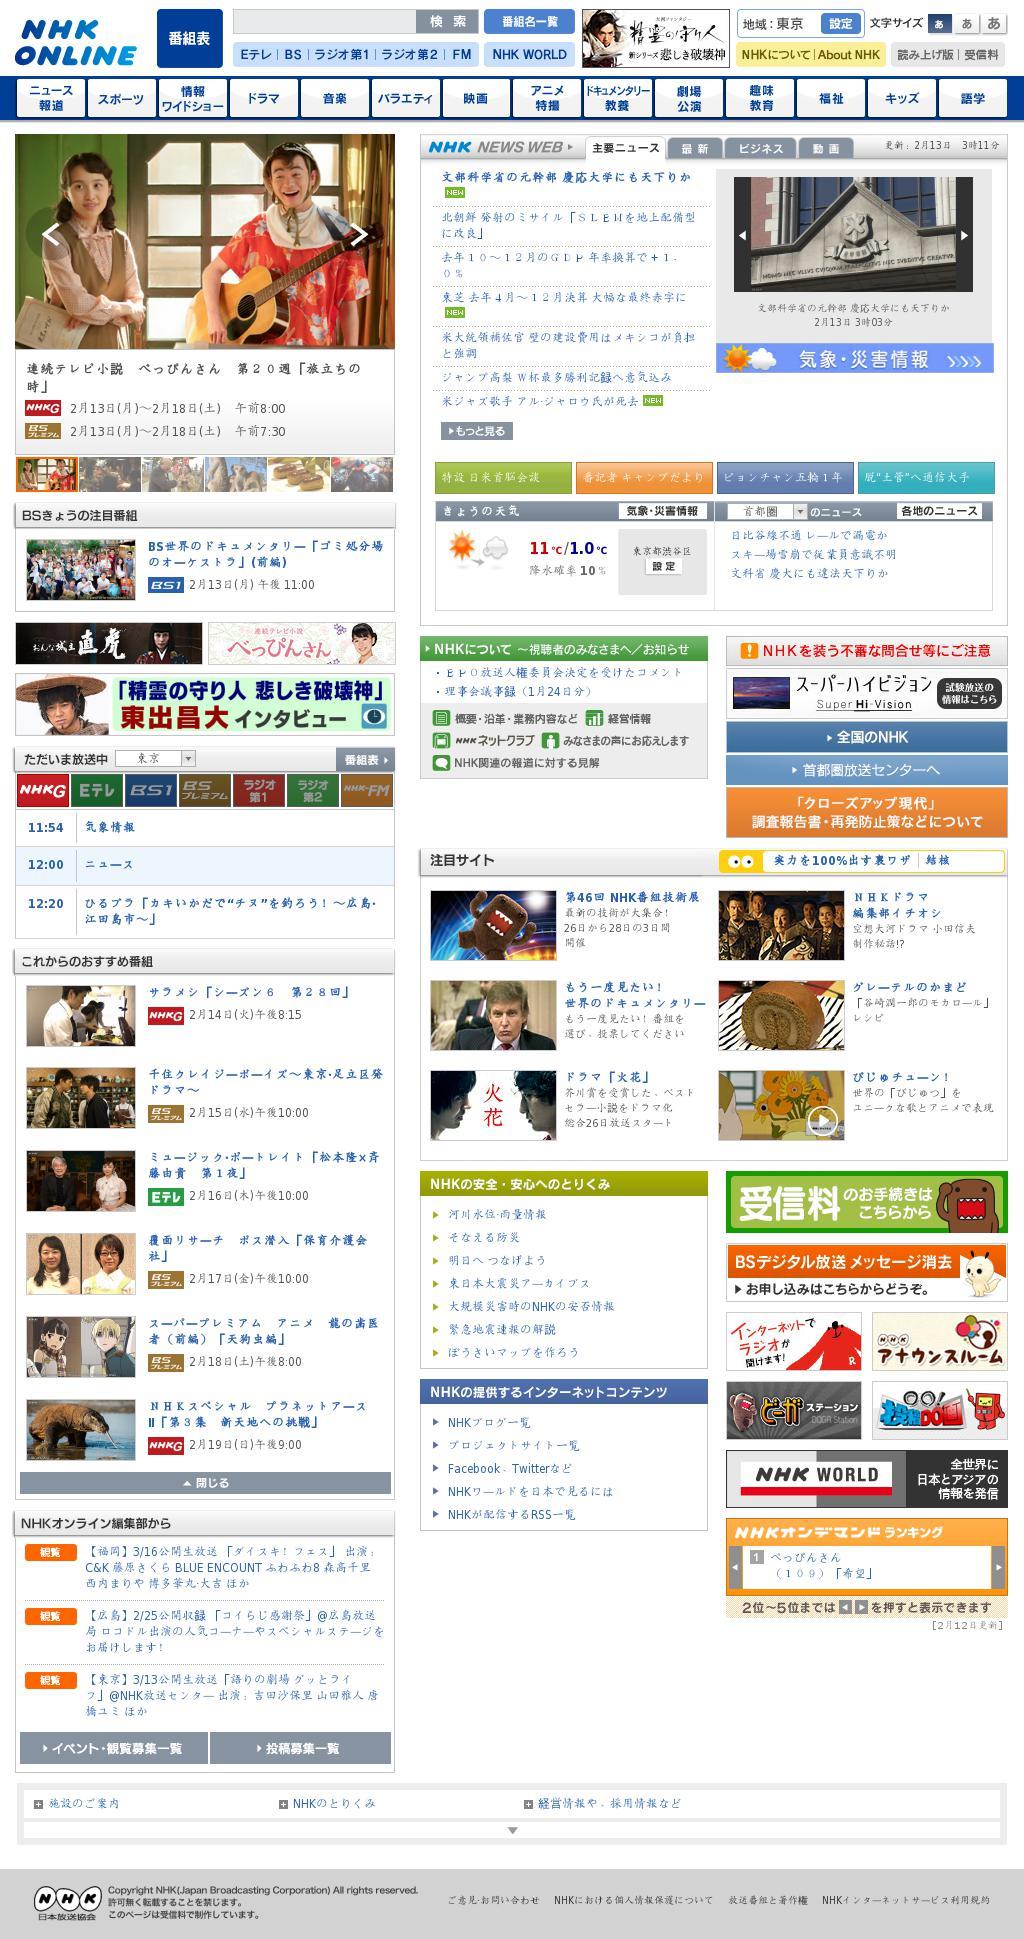 NHK Online at Monday Feb. 13, 2017, 3:12 a.m. UTC